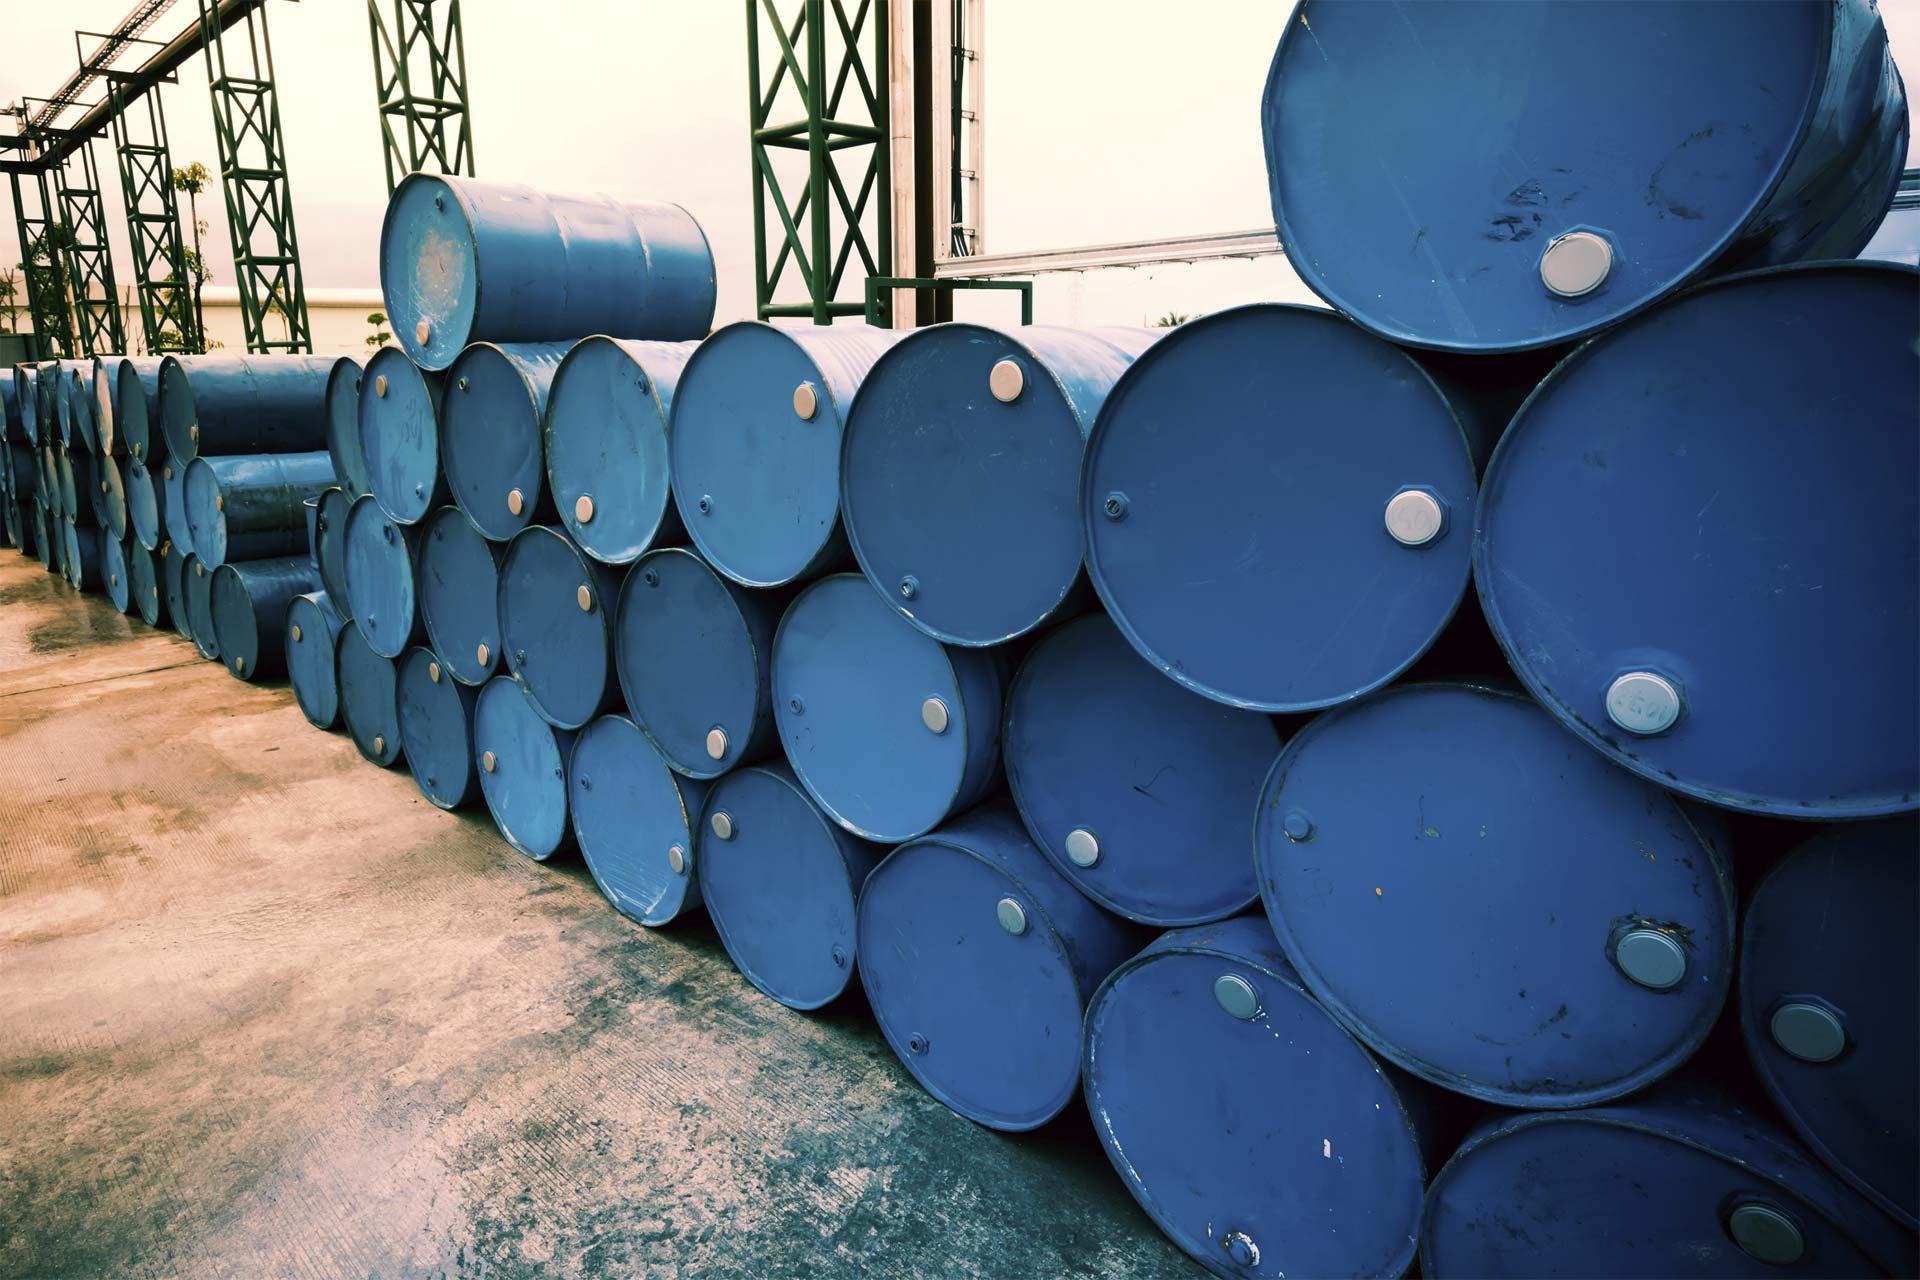 El mercado ha acogido de forma favorable el anuncio de una nueva reunión entre los productores de crudo